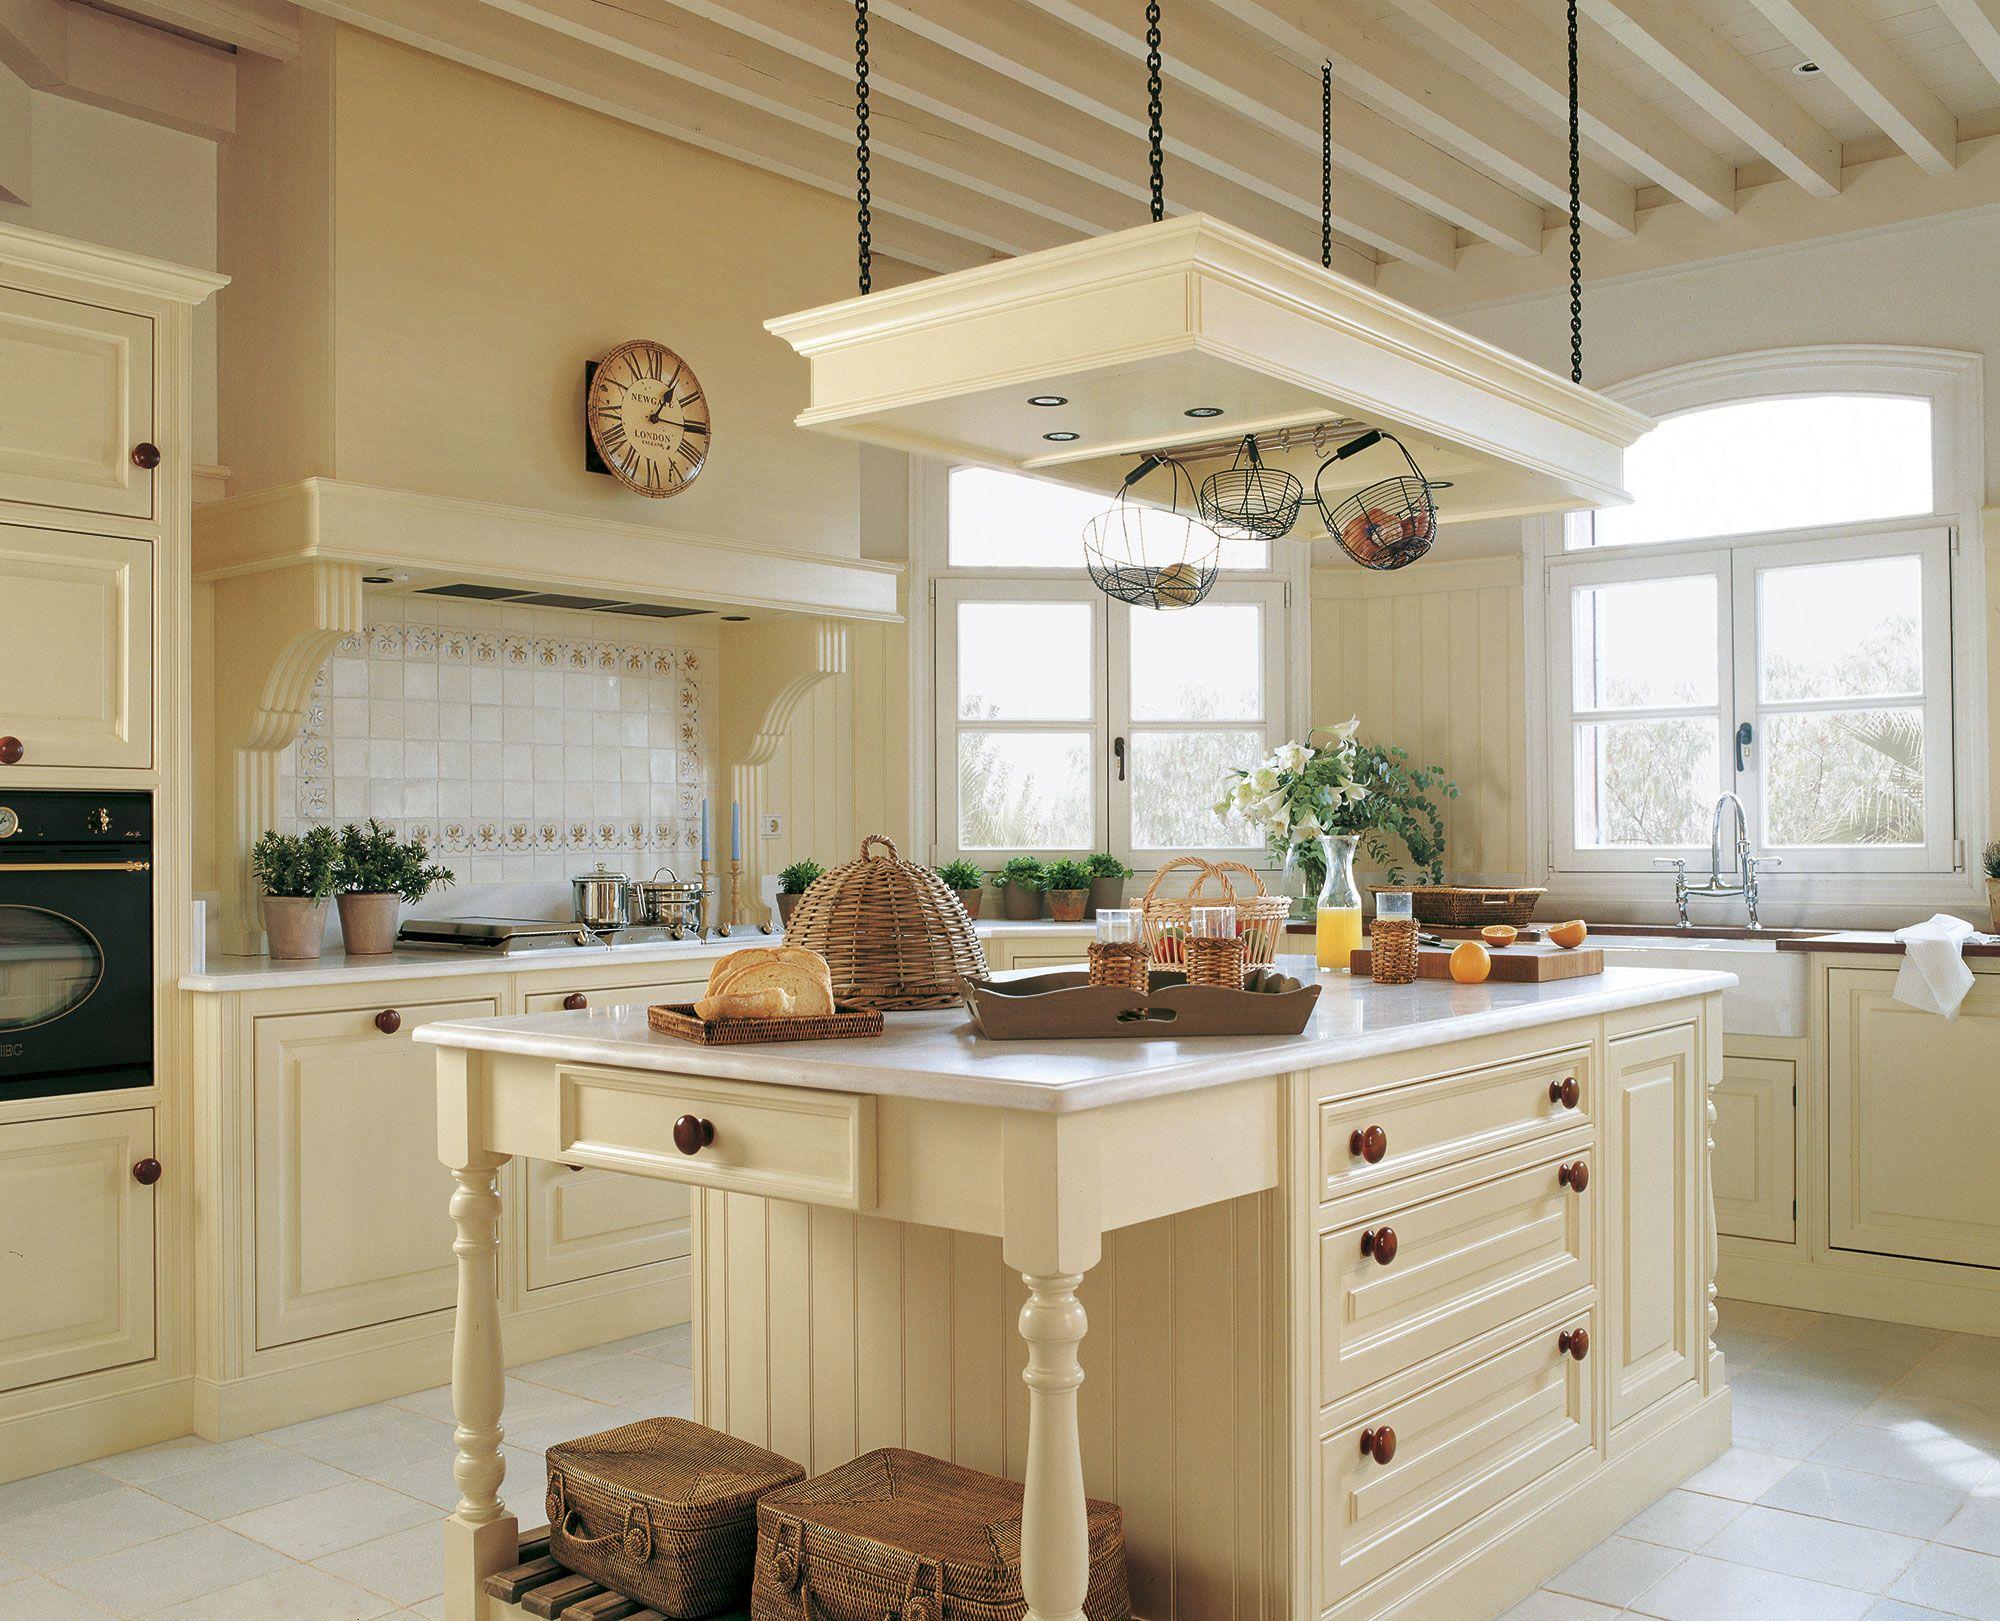 Cocina en color crema con isla y campana de obra casa y for Modelos de islas para cocinas pequenas